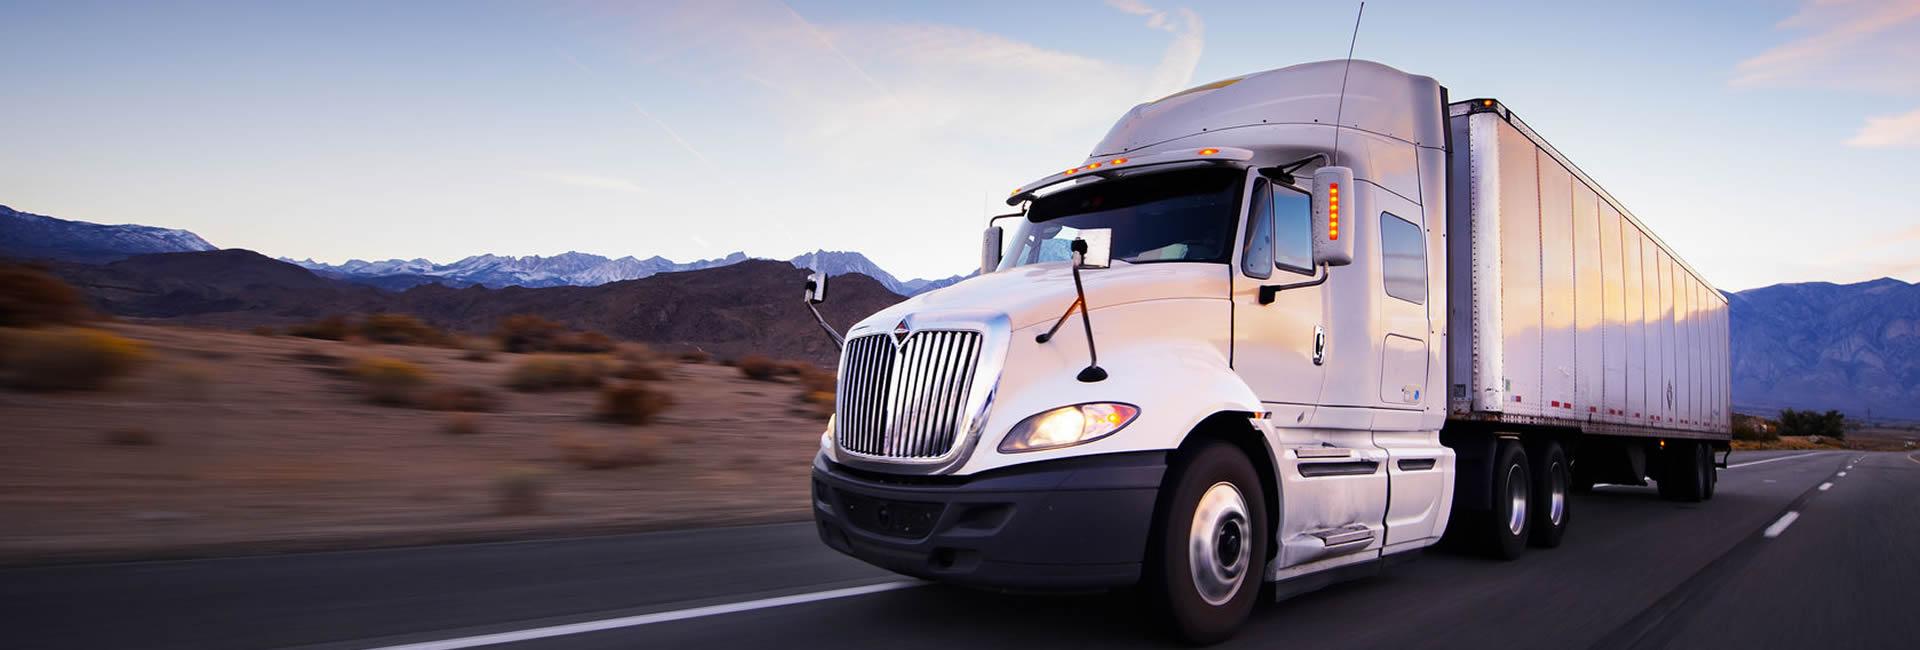 Slider-Truck-t01